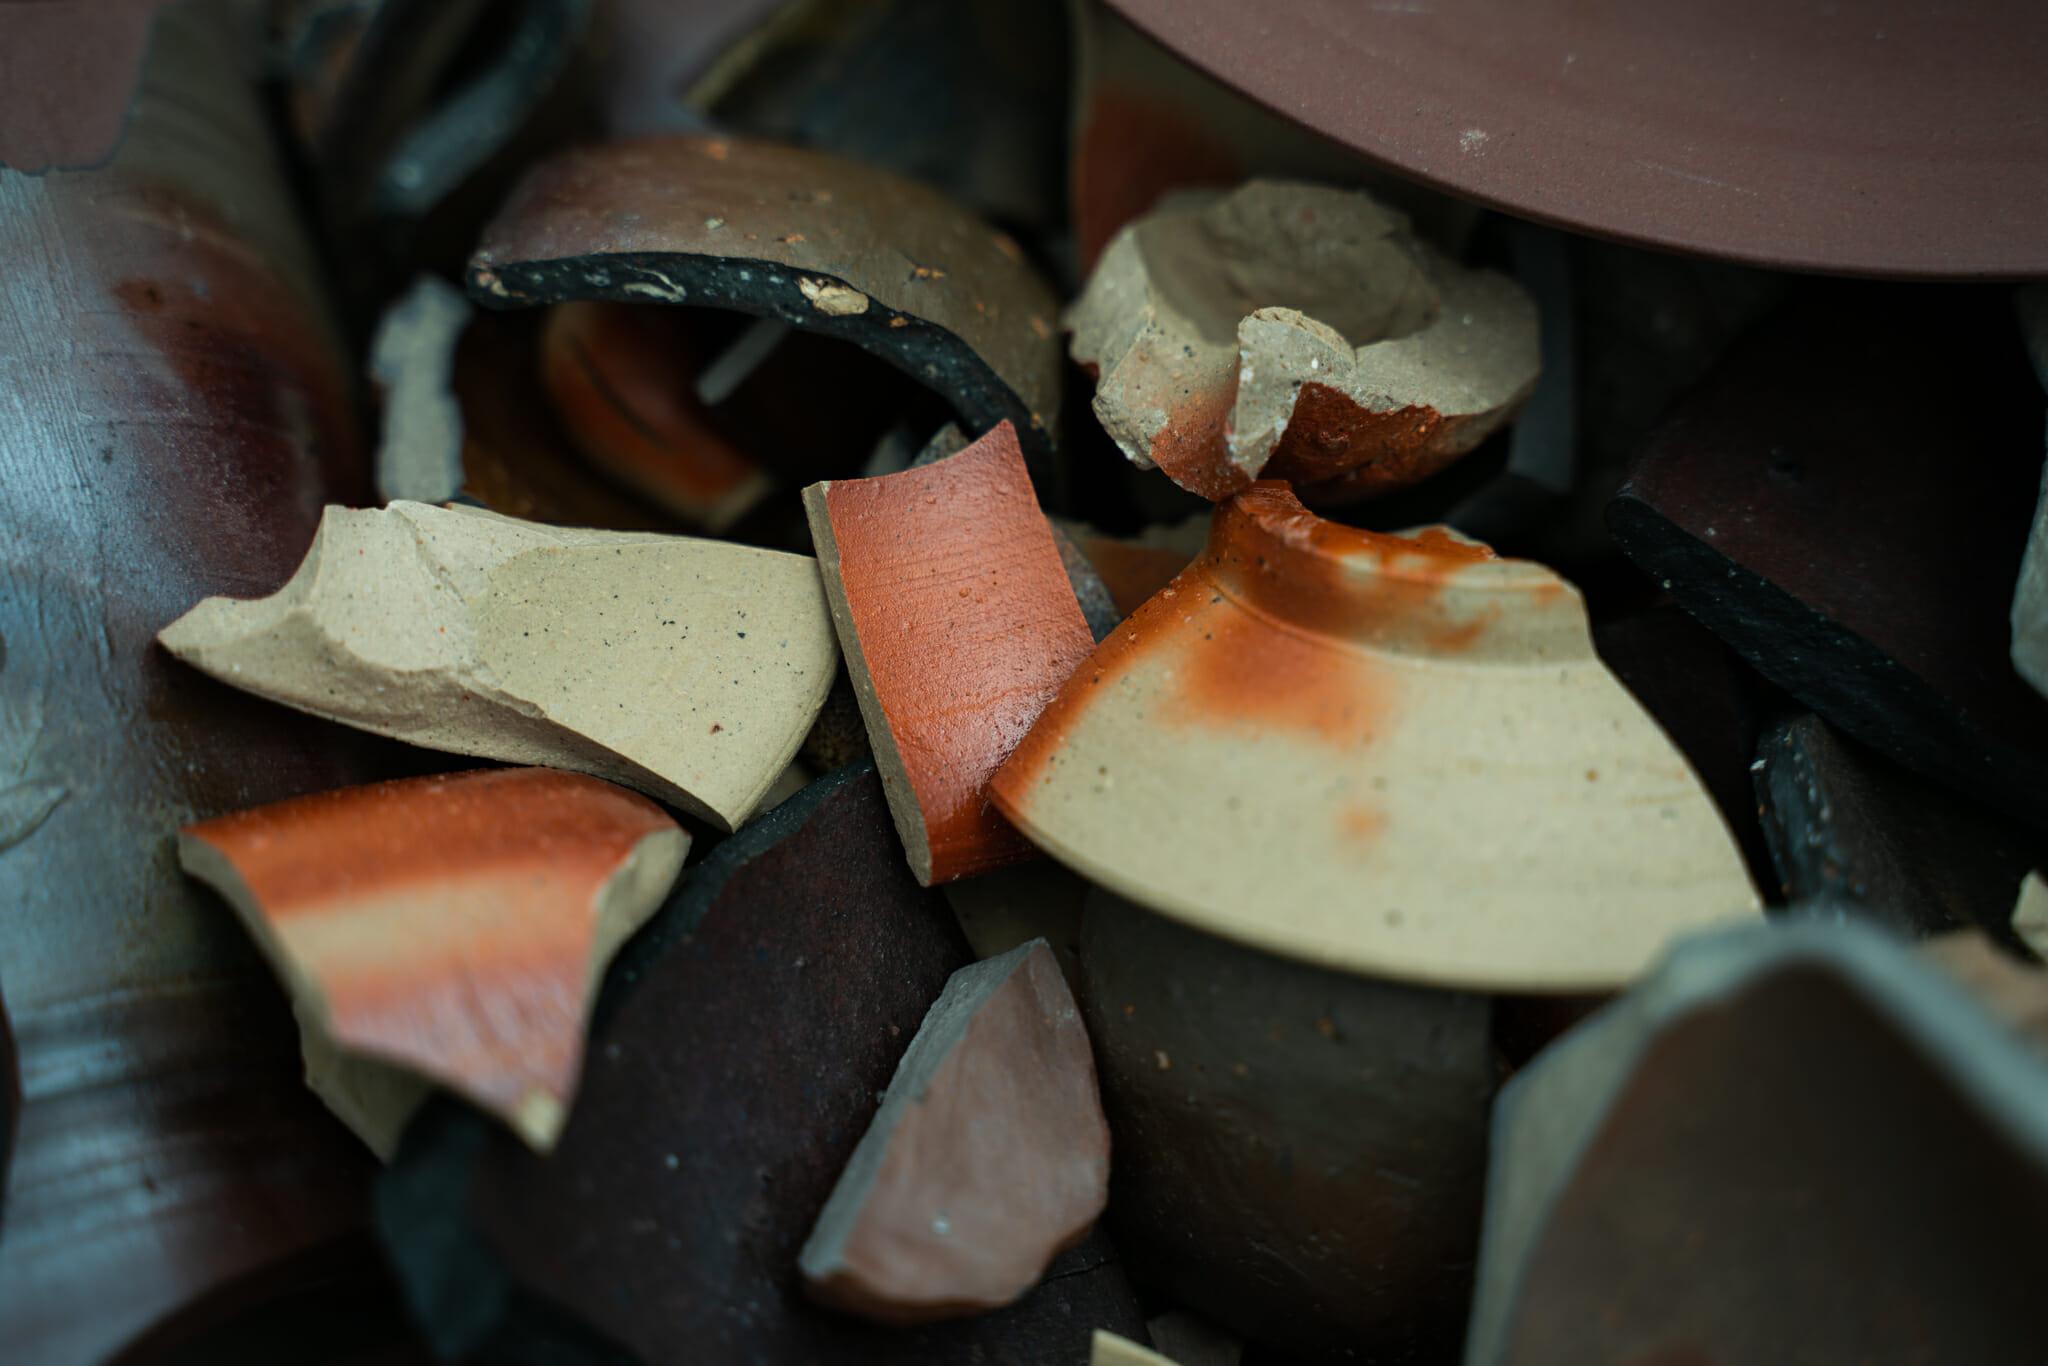 私が選ぶものが、いつか世界を変えるなら。リサイクルプロダクトで陶器ごみ問題に解決の道を示す、 the continue.の挑戦